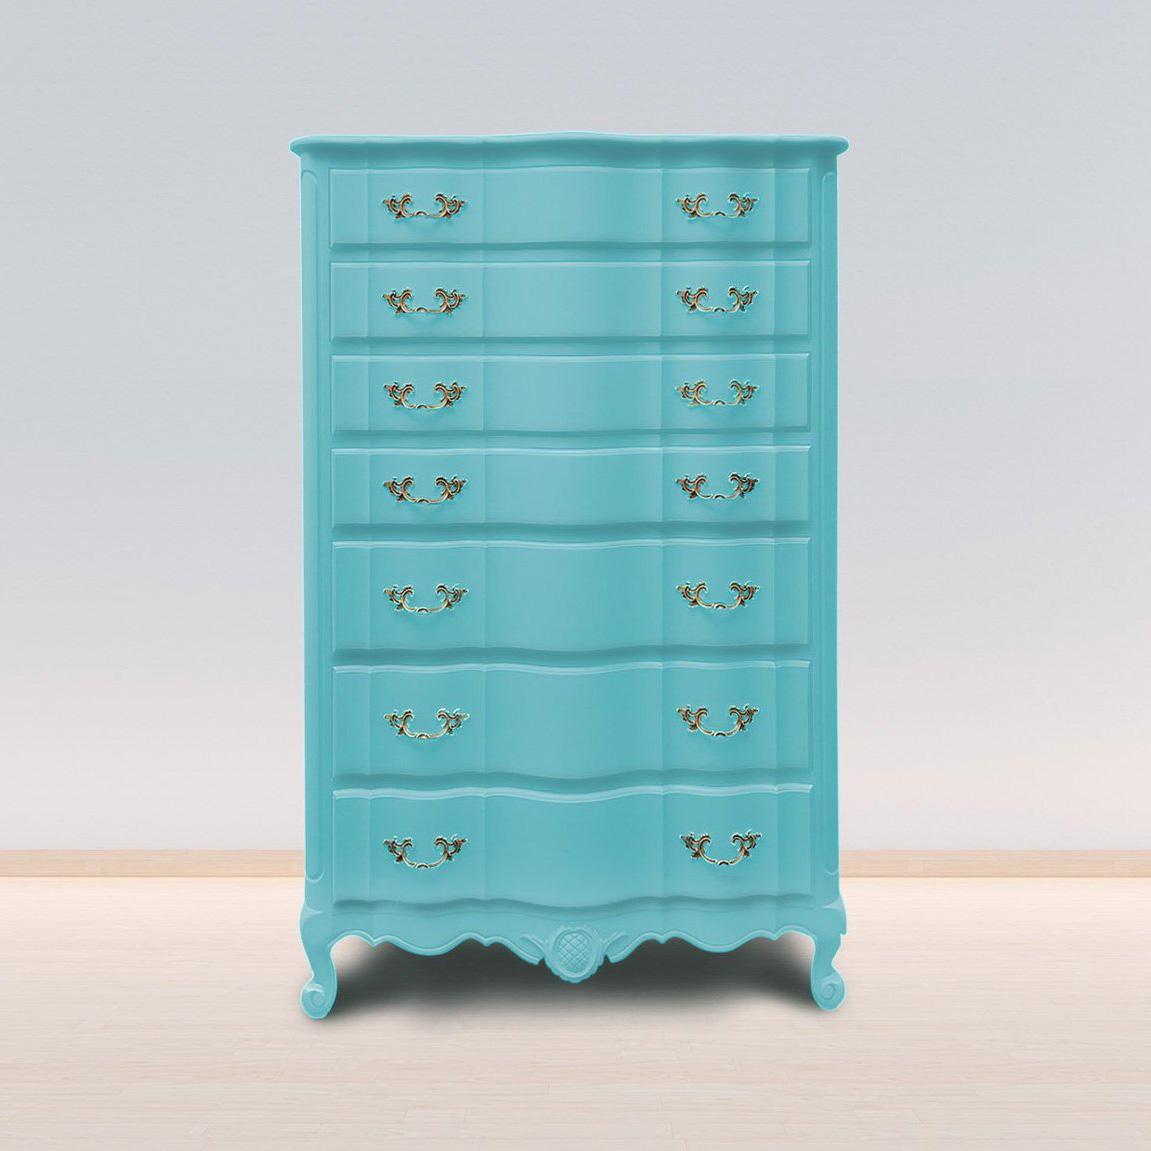 Autentico Bright Turquoise